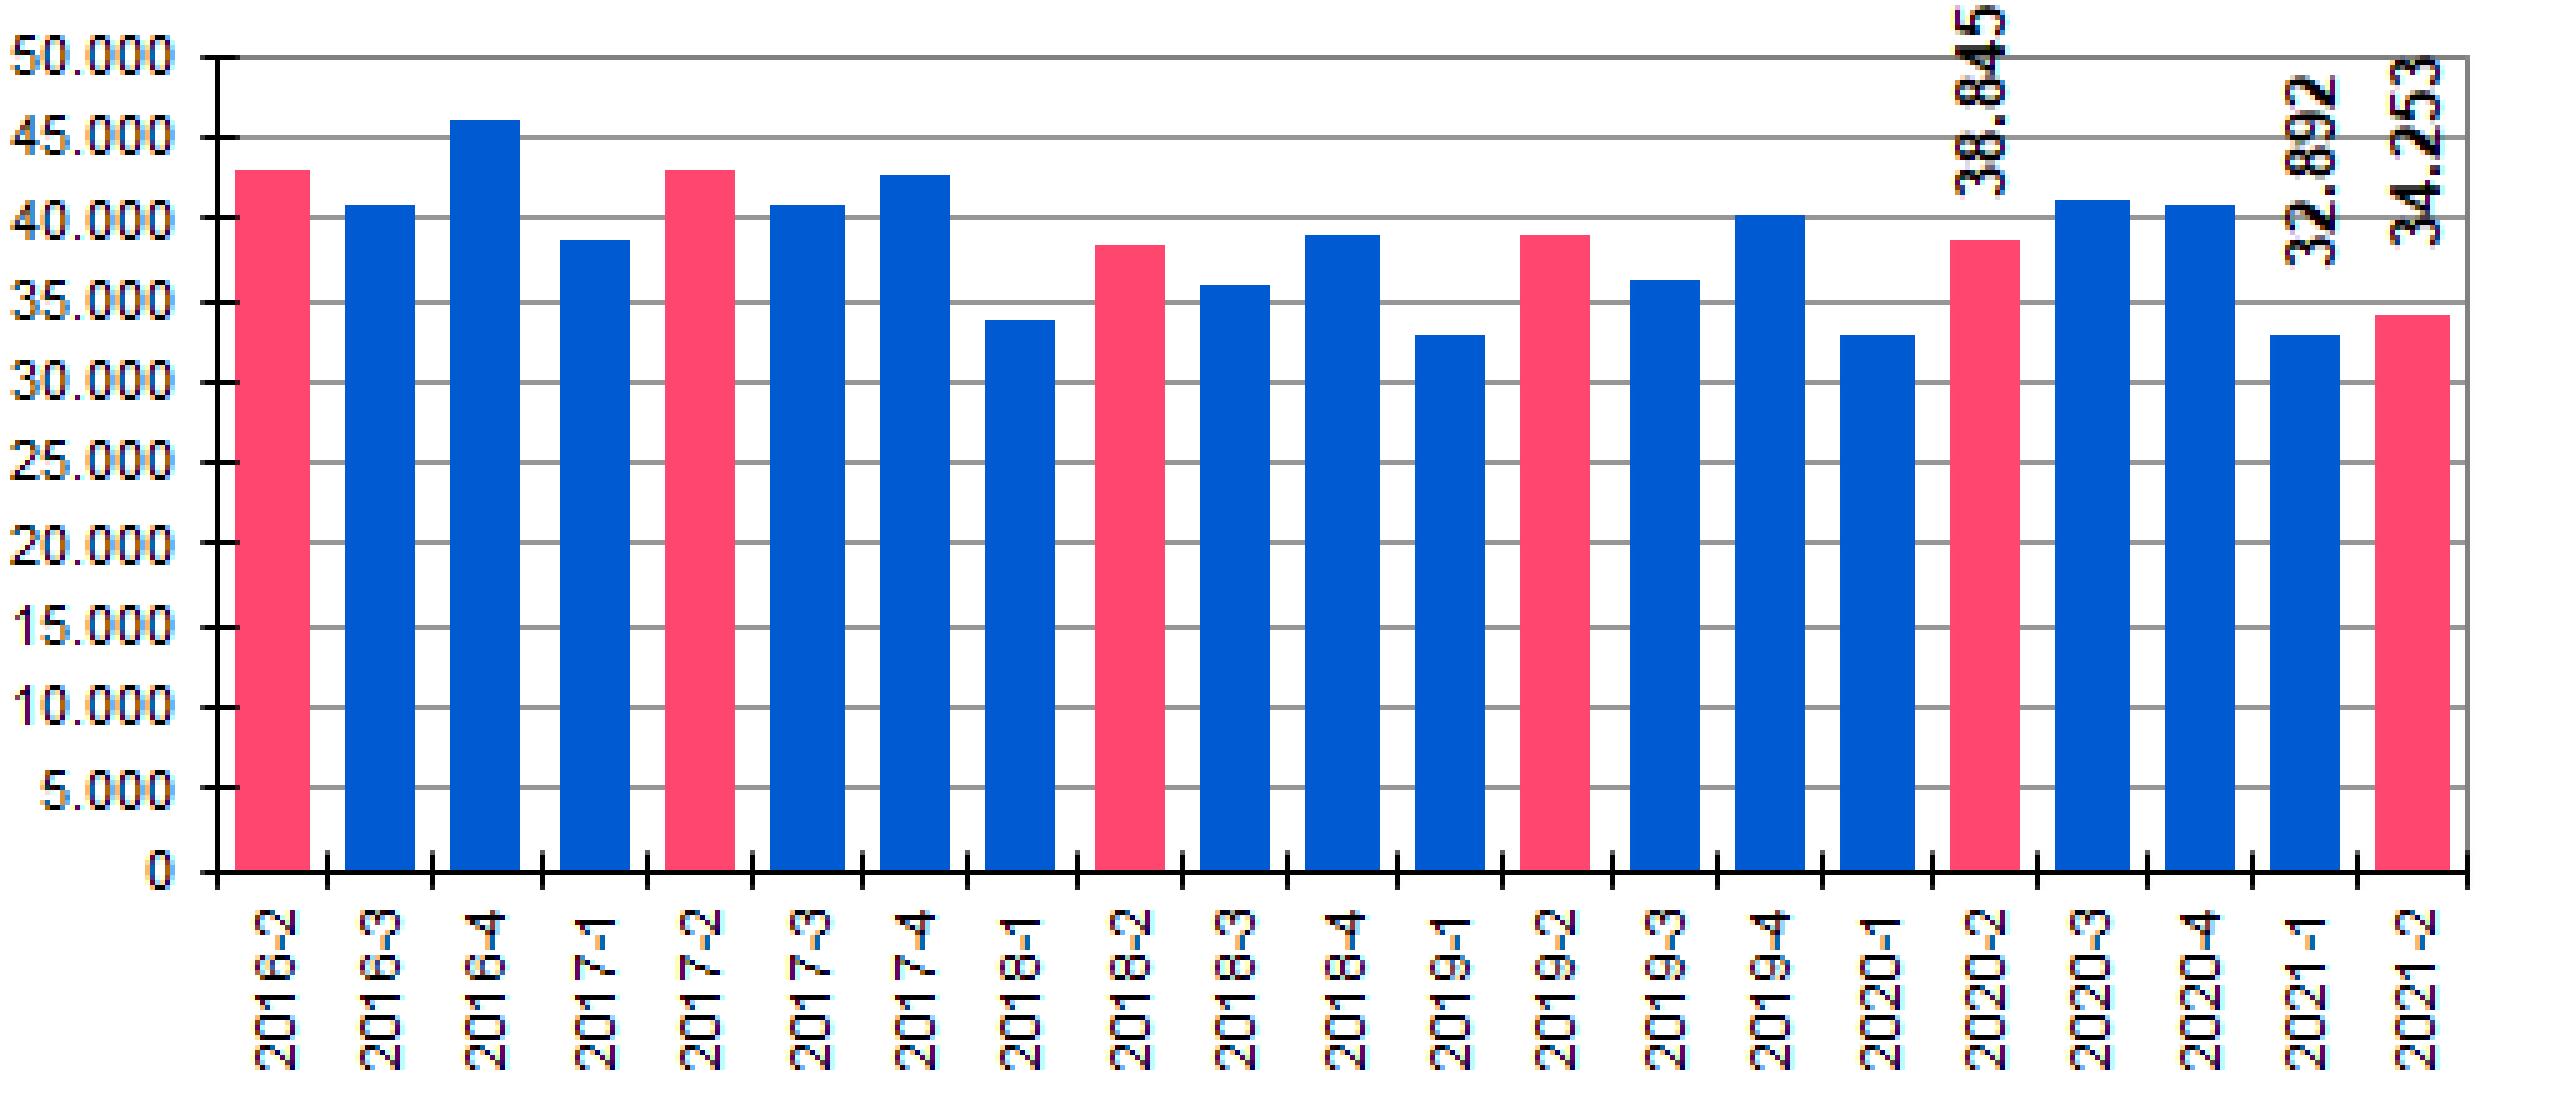 De NVM woningmarktcijfers van het 2e kwartaal 2021 zijn er weer